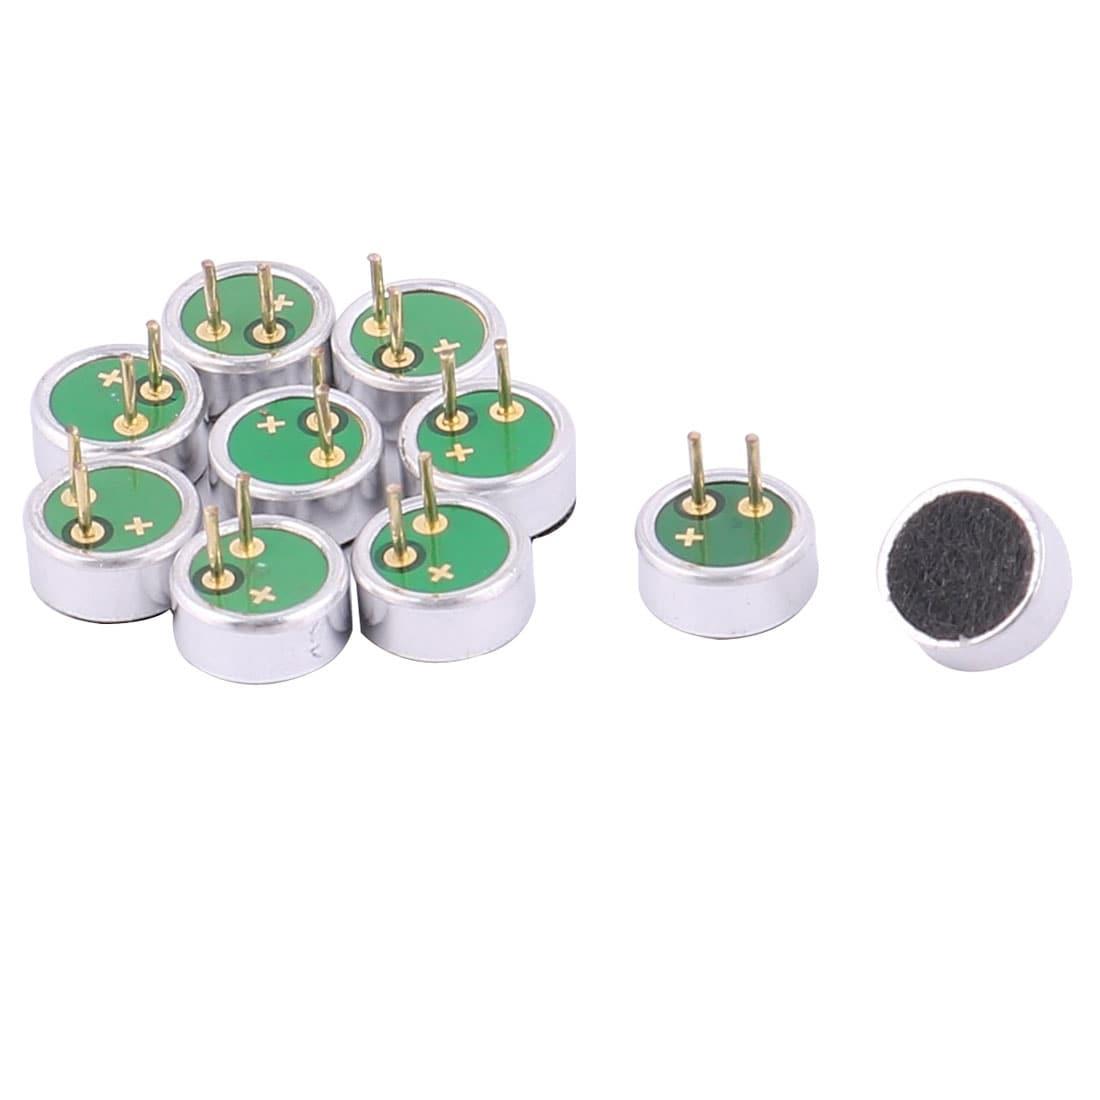 2x Mini 9x7mm Microphone MIC Capsule Electret Condenser 2 Pin